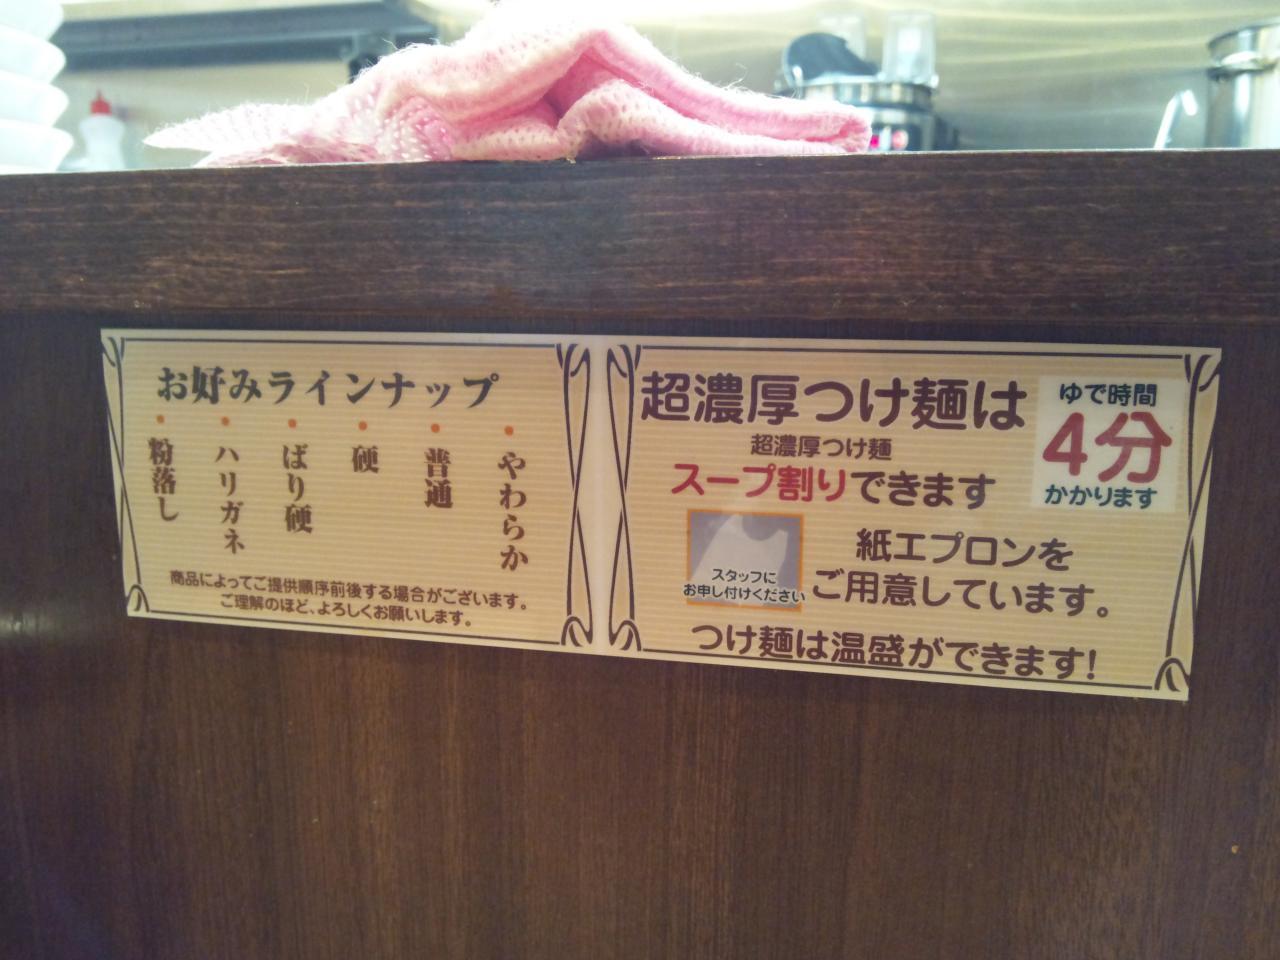 三豊麺人形町店(張り紙)